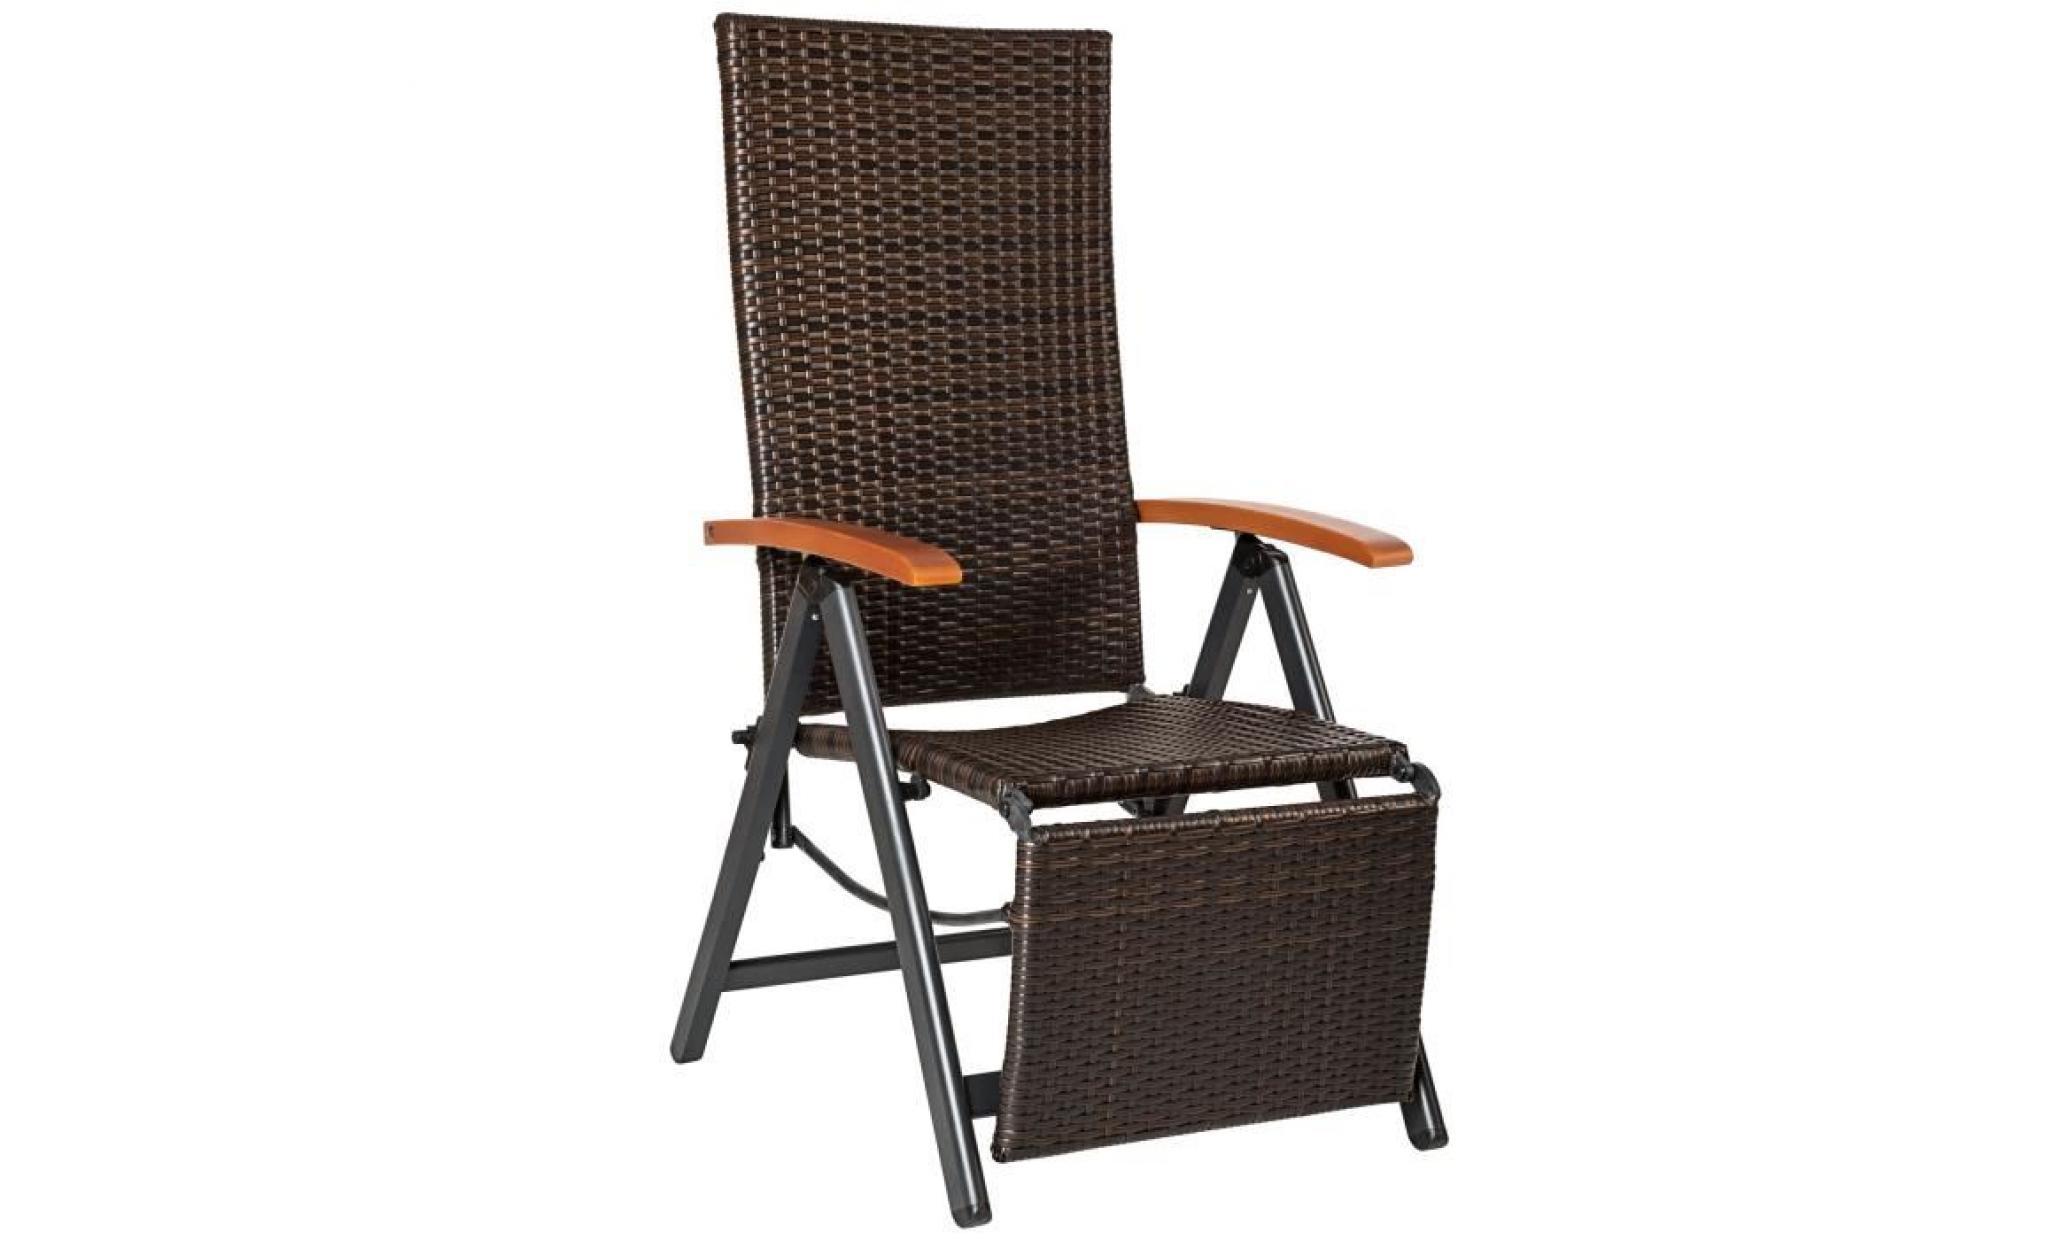 Fauteuil chaise longue de relaxation r glable pliant avec 1 repose pieds en rotin 69 cm x 58 cm - Fauteuil de relaxation jardin ...